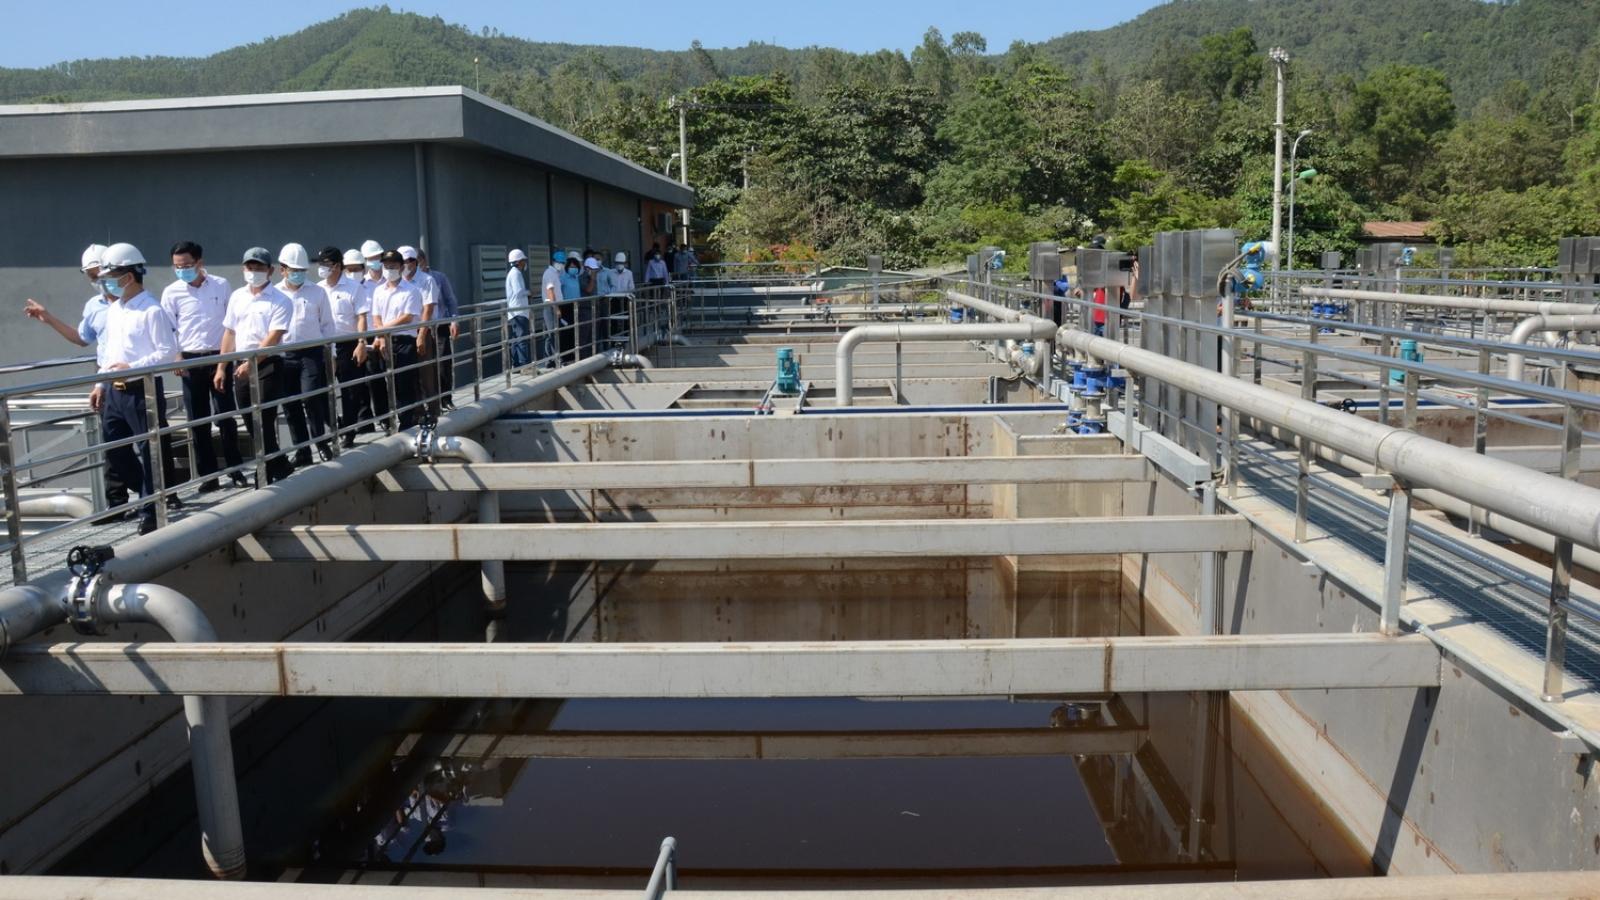 Khánh thành Hệ thống xử lý nước rỉ rác giai đoạn 2 tại bãi rác Khánh Sơn